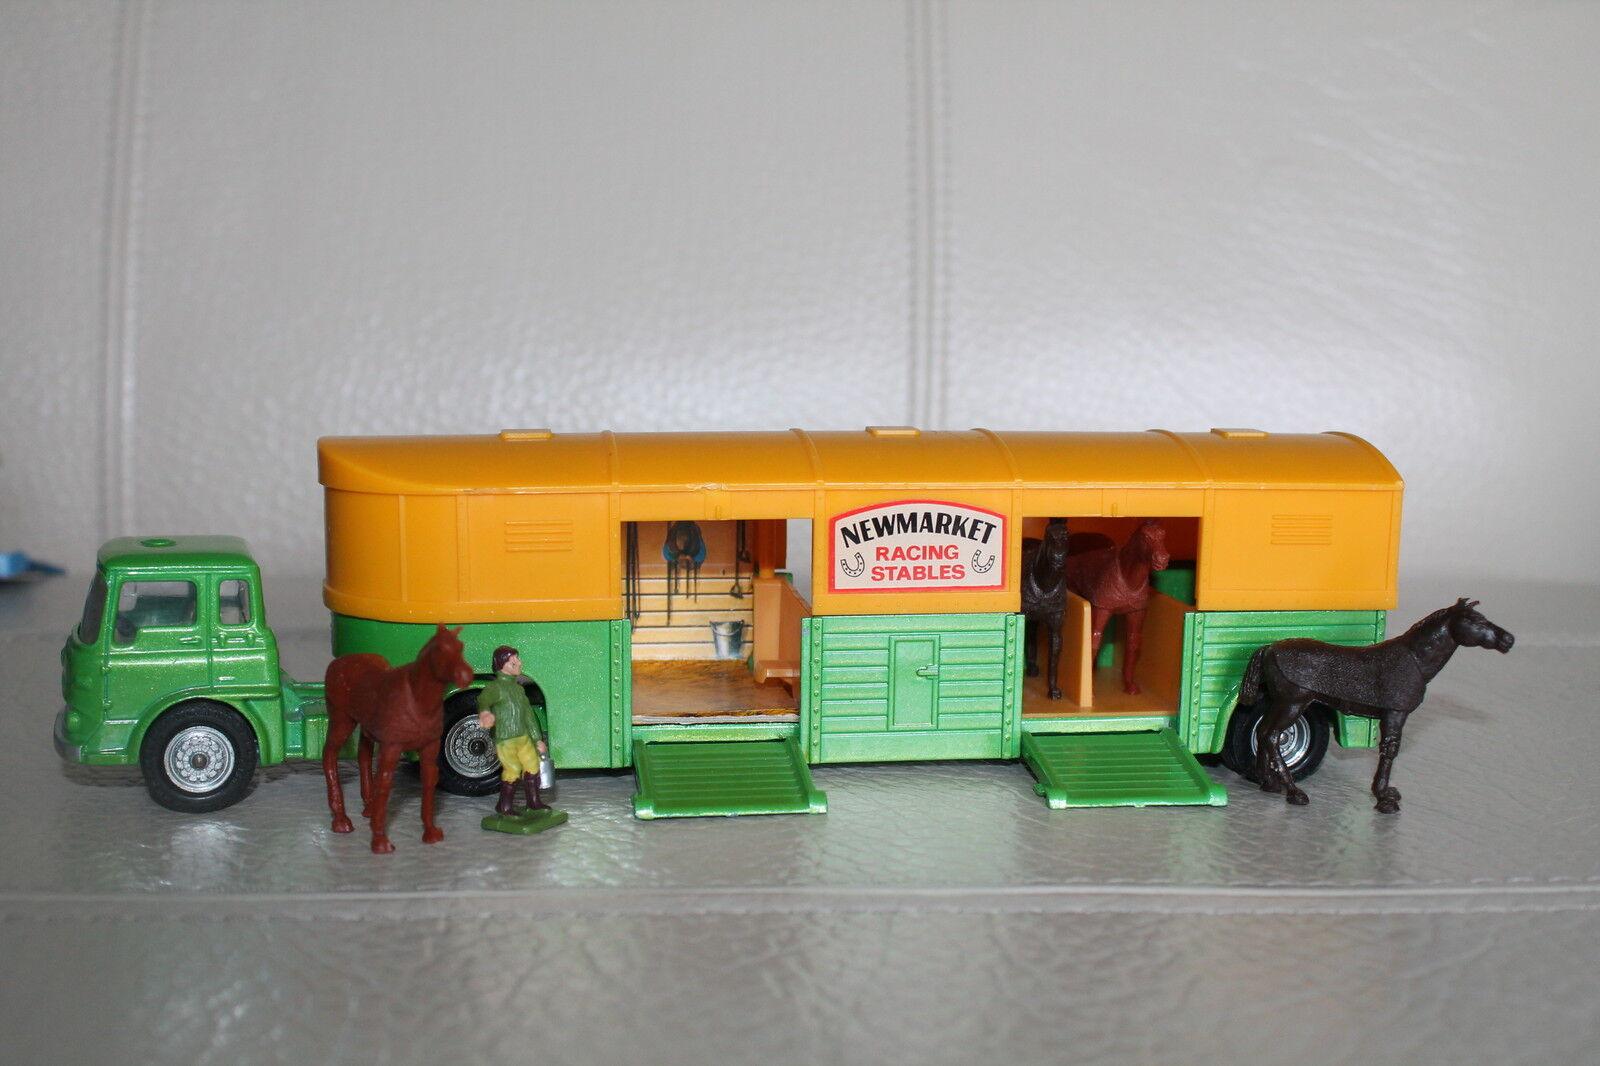 CORGI  toys  Bedford Horse transporteur  nouveaumarket stables  top  vente discount en ligne